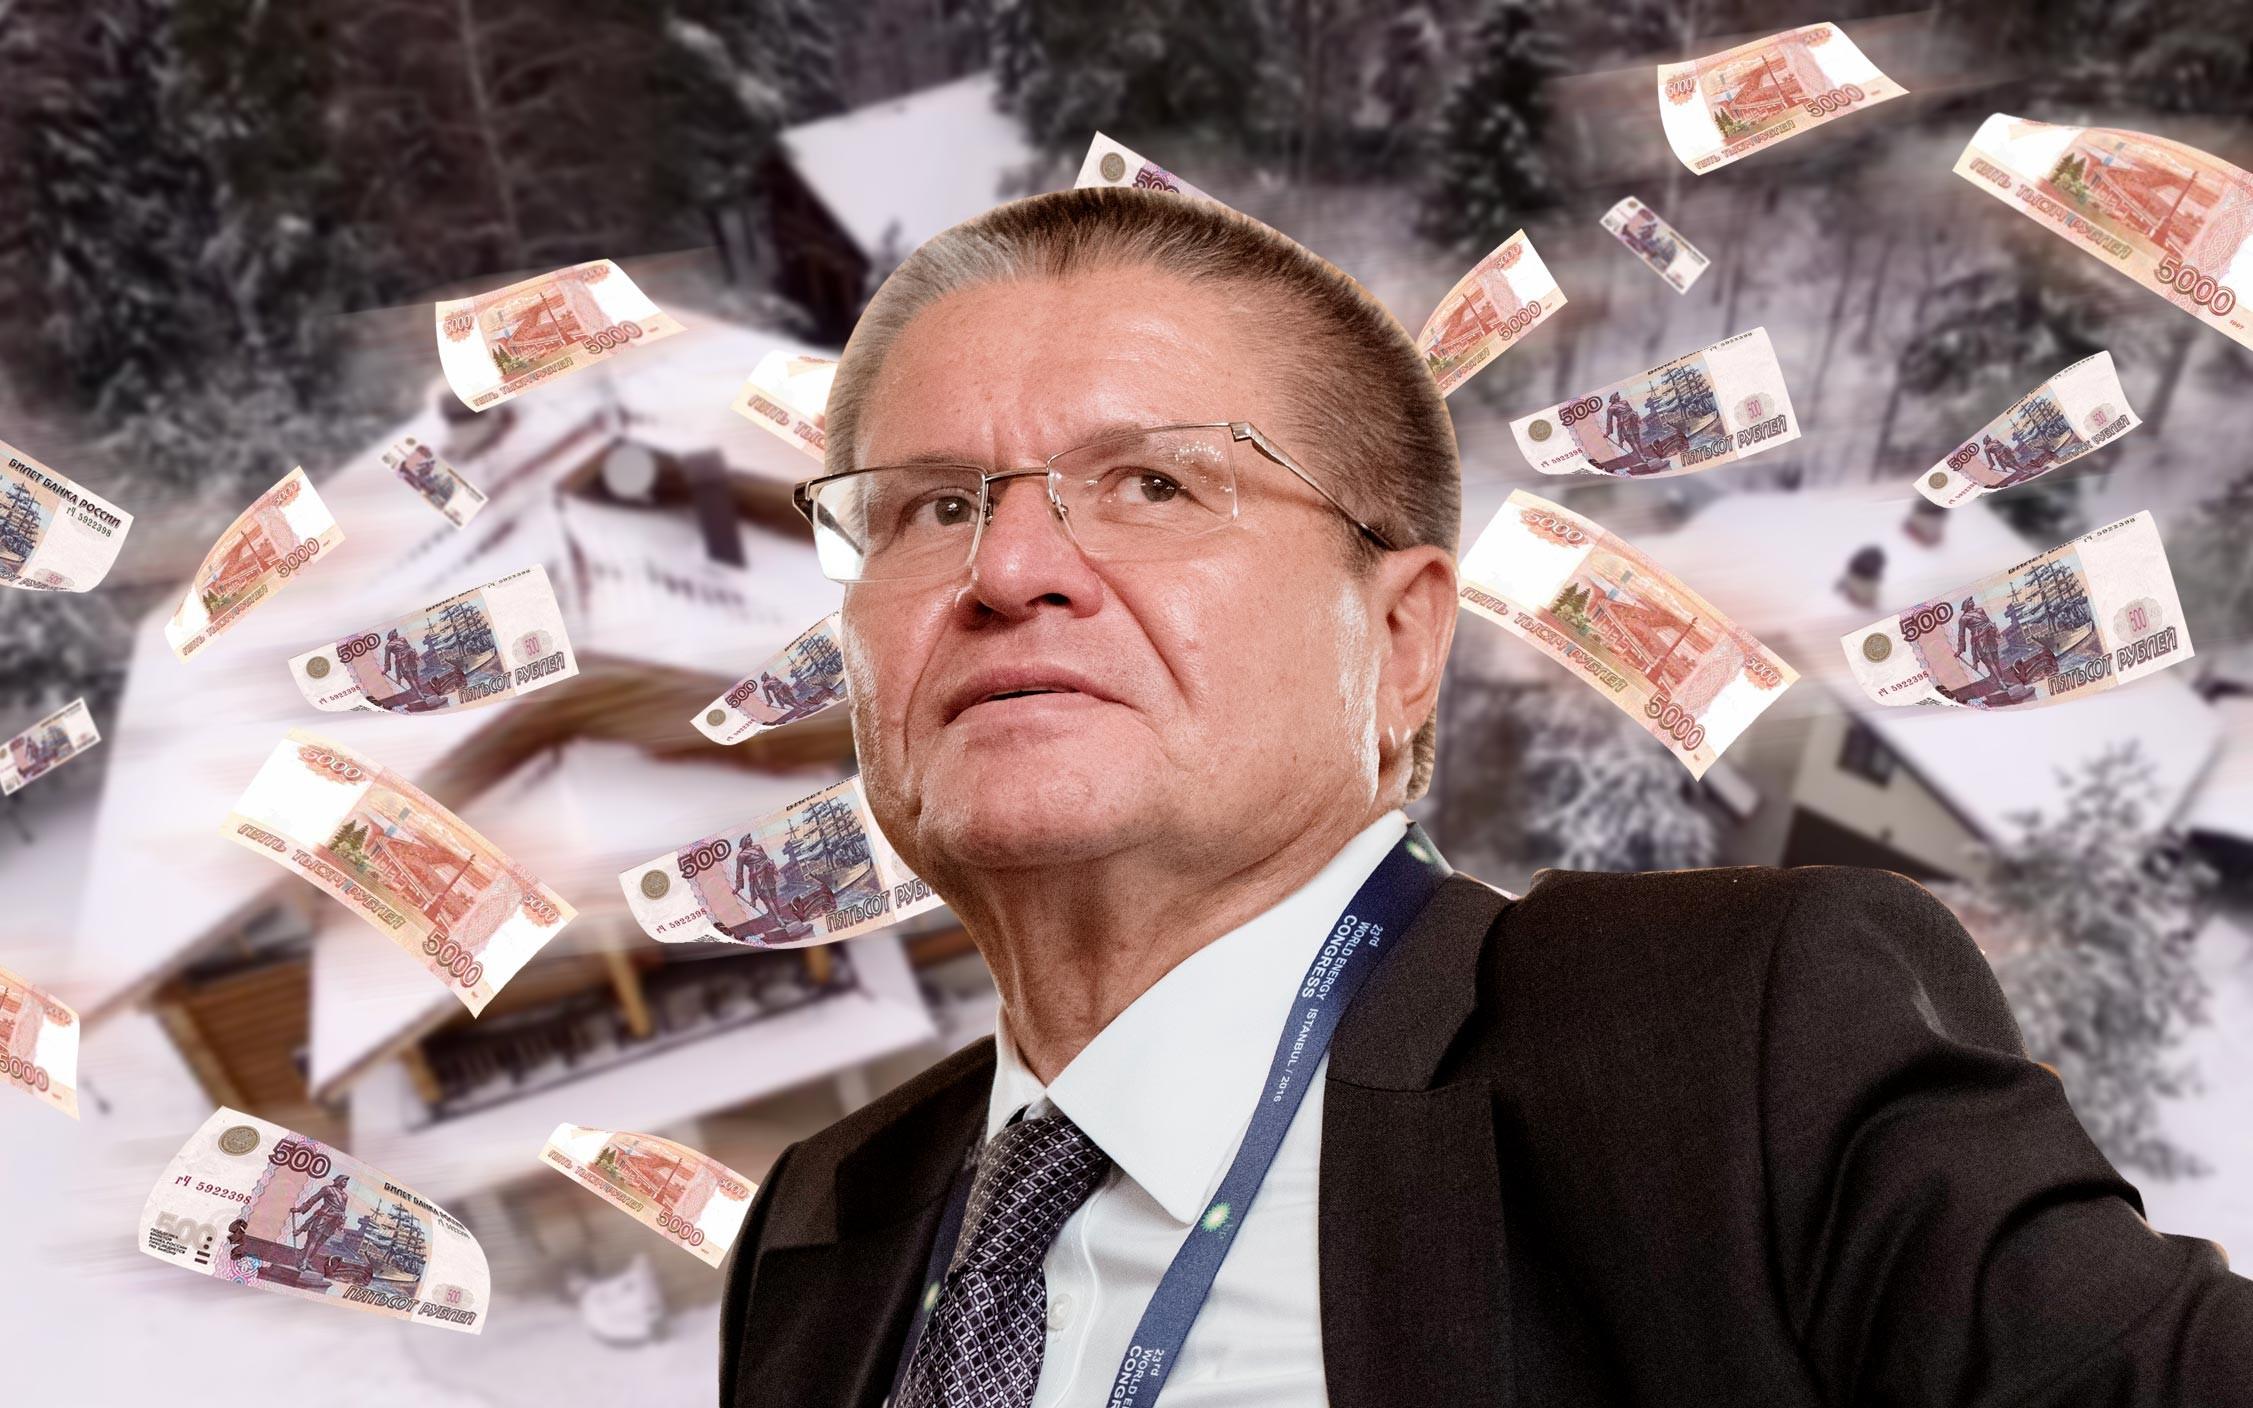 <p>Фото: &copy; РИА Новости/Сергей Гунеев &copy; L!FE</p>